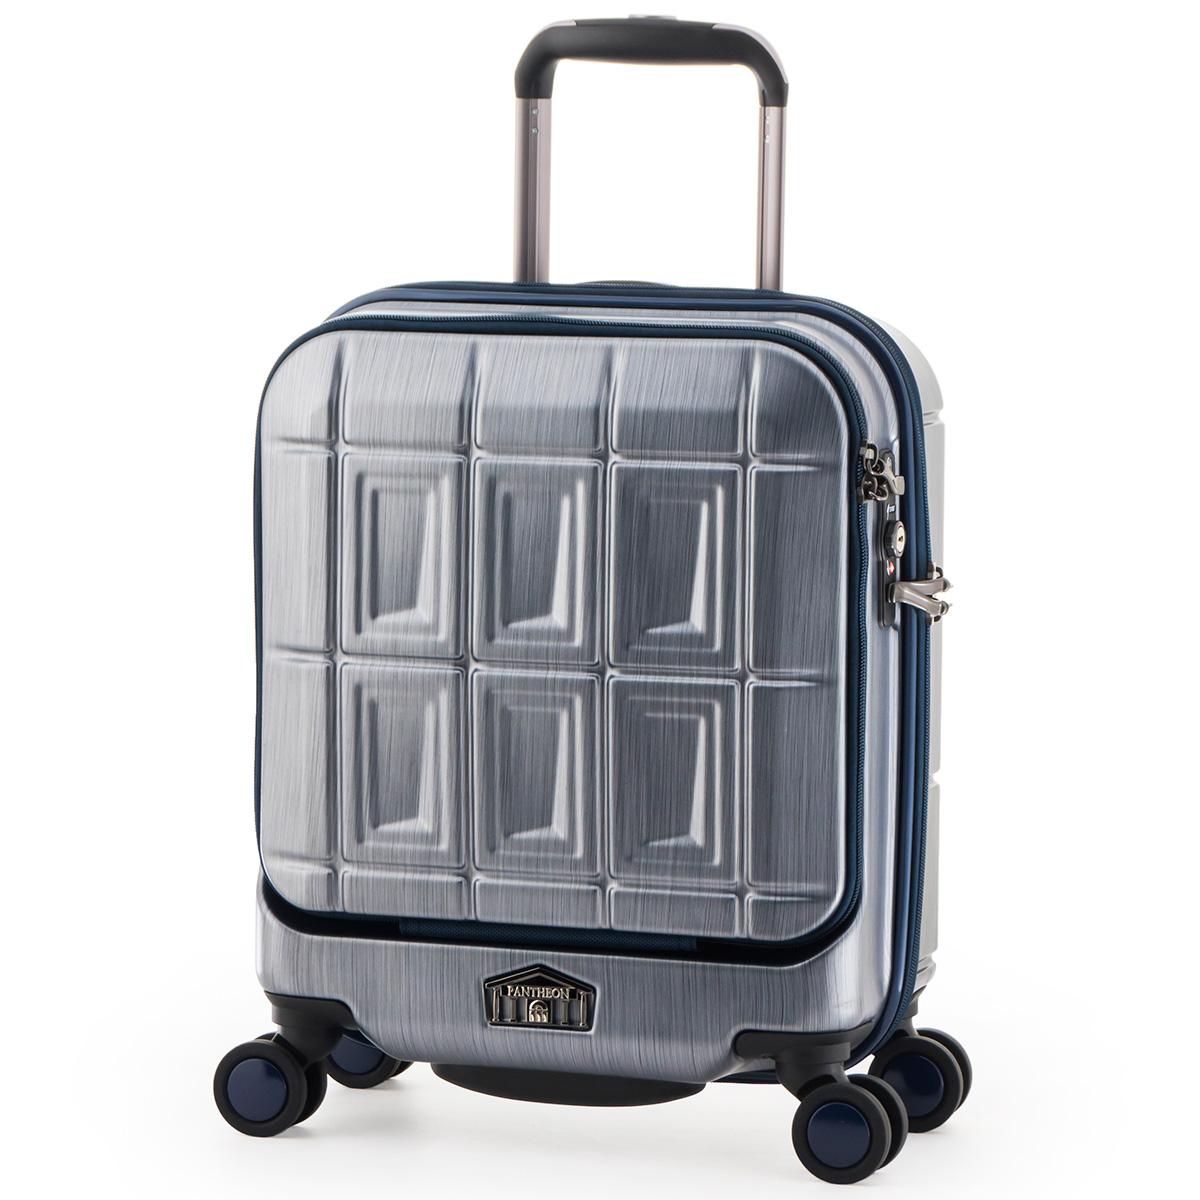 PANTHEON スーツケース